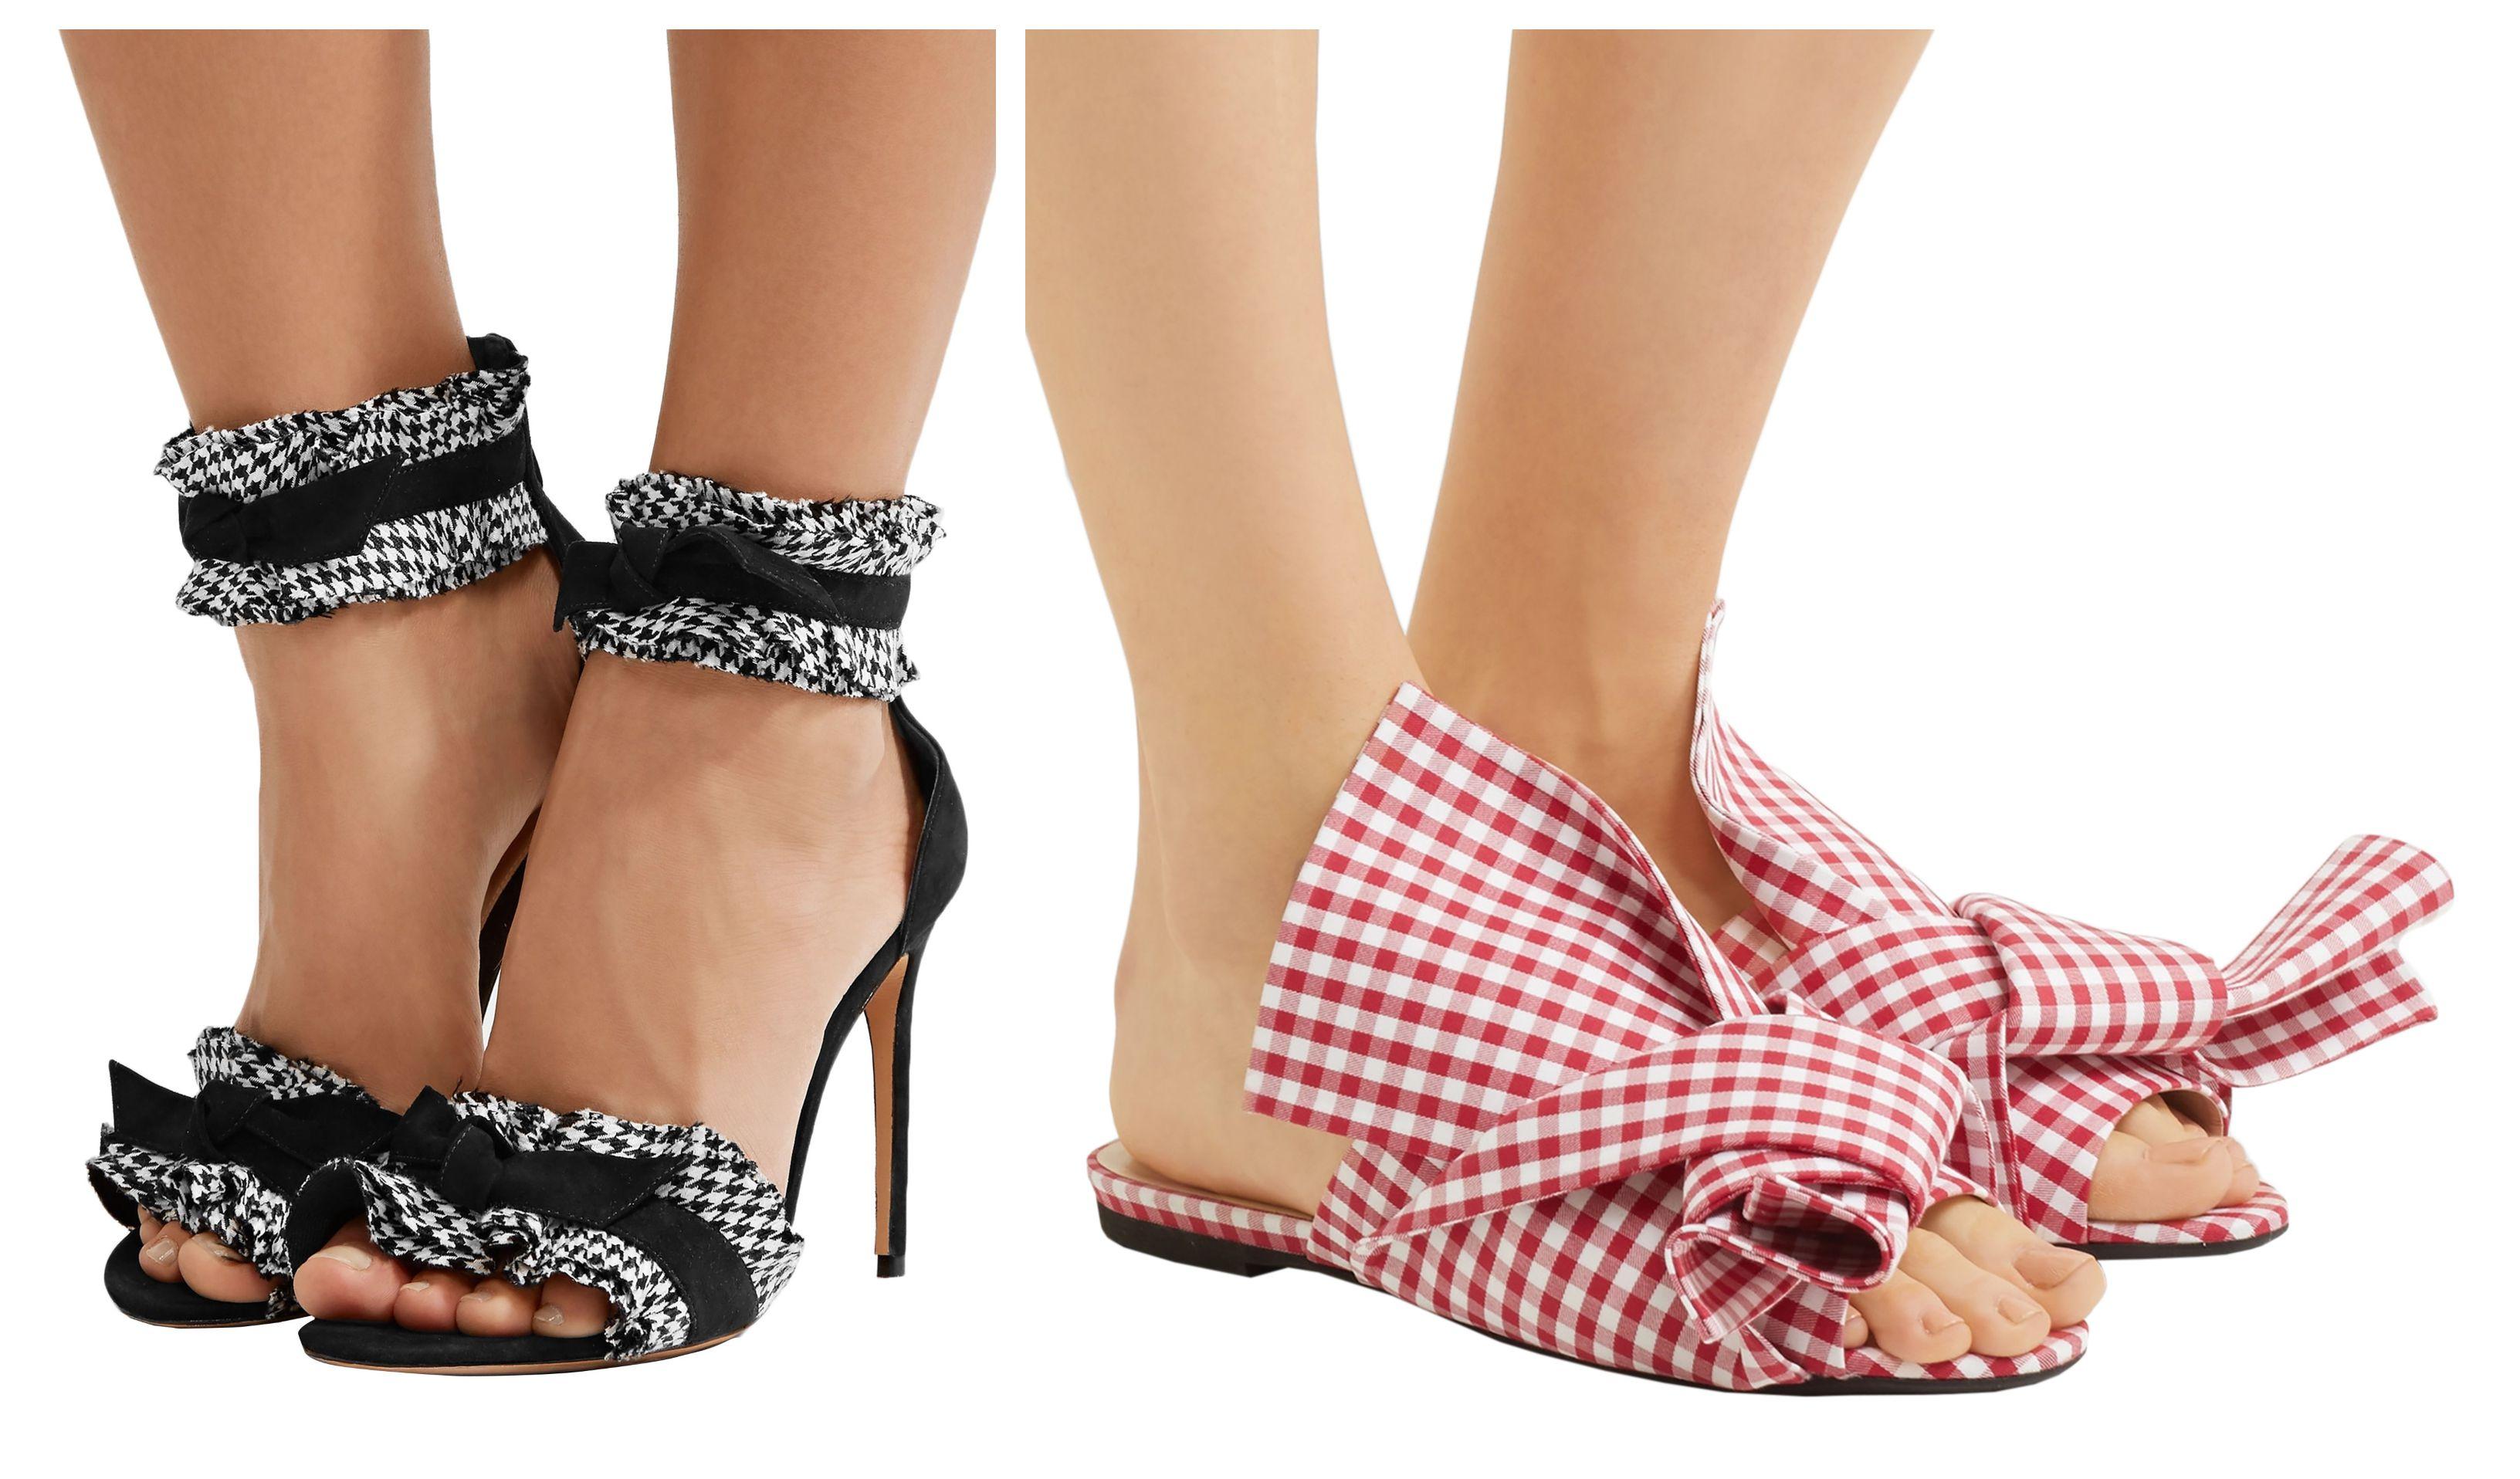 Potražili smo dizajnerske cipele na najvećem sniženju u online shopu Outnet.com